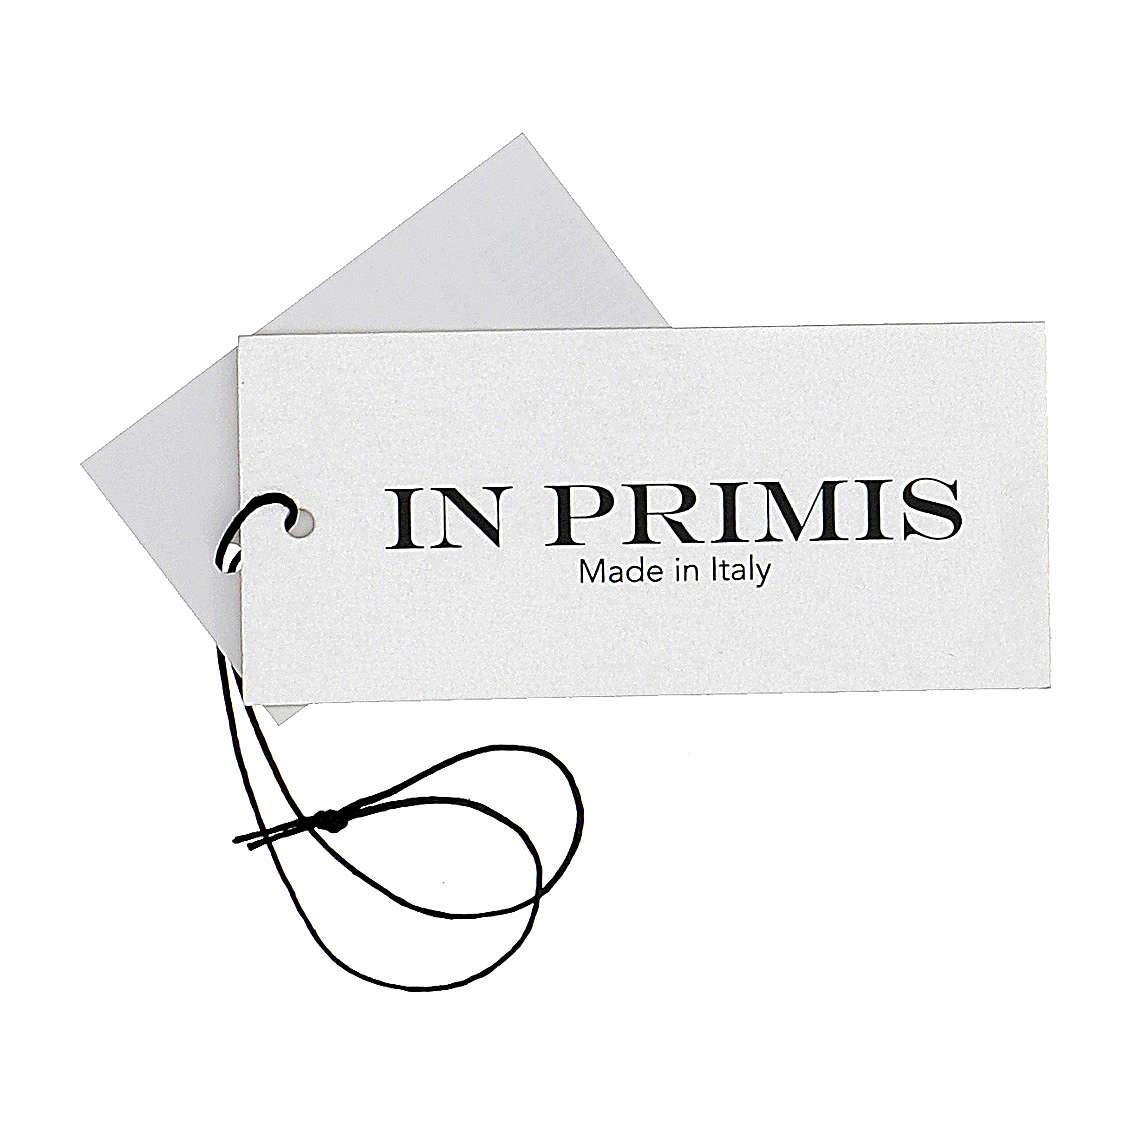 Pullover sacerdote blu girocollo a maglia rasata 50% lana merino 50% acrilico In Primis 4